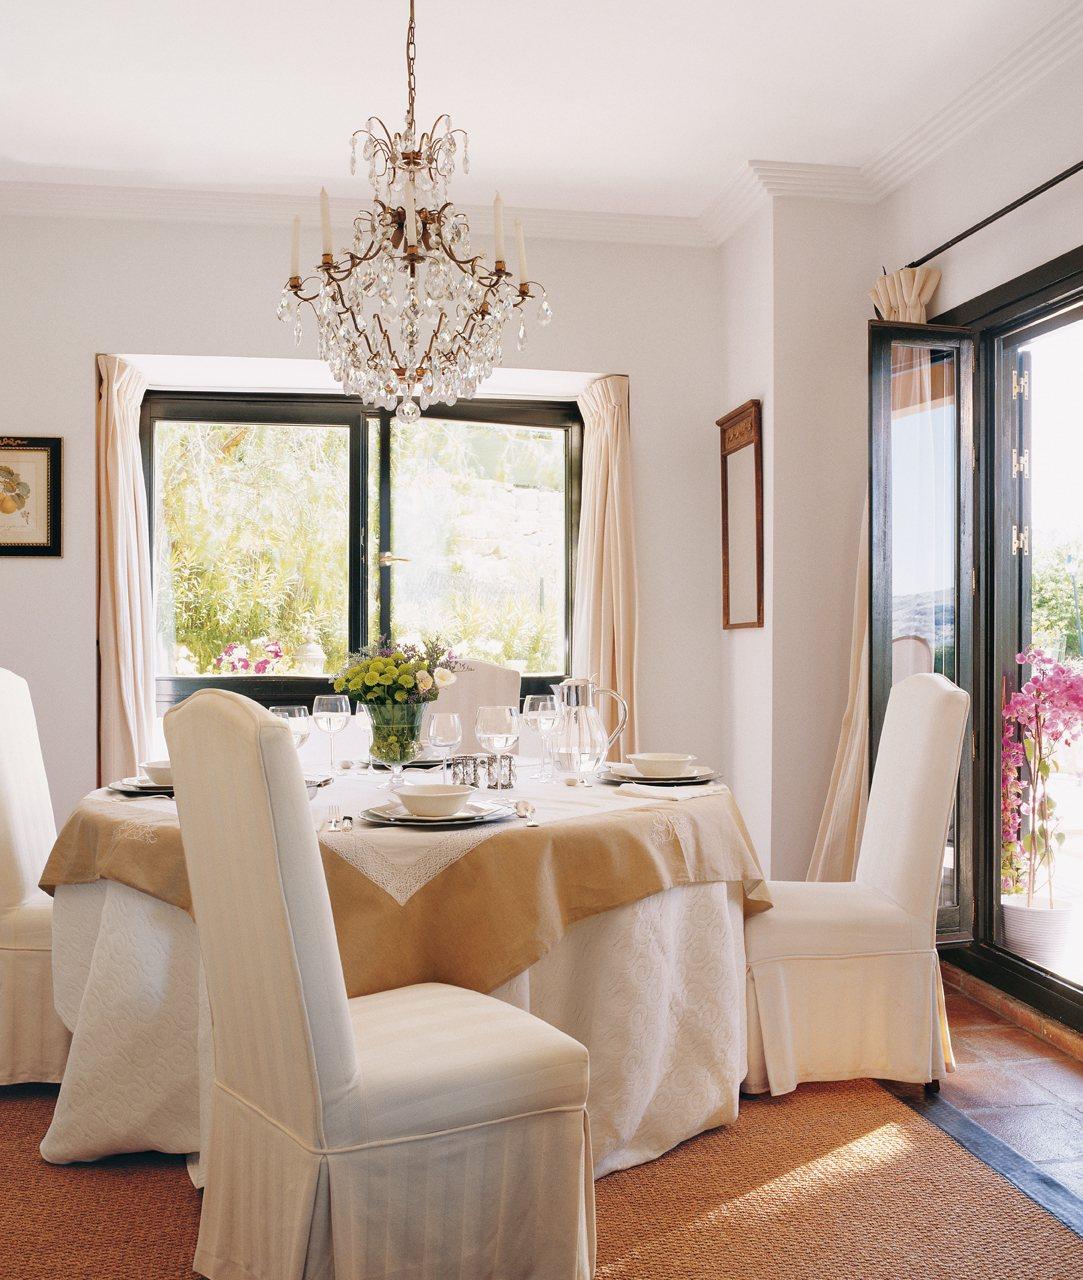 El poder de los peque os detalles - Fundas asiento sillas comedor ...